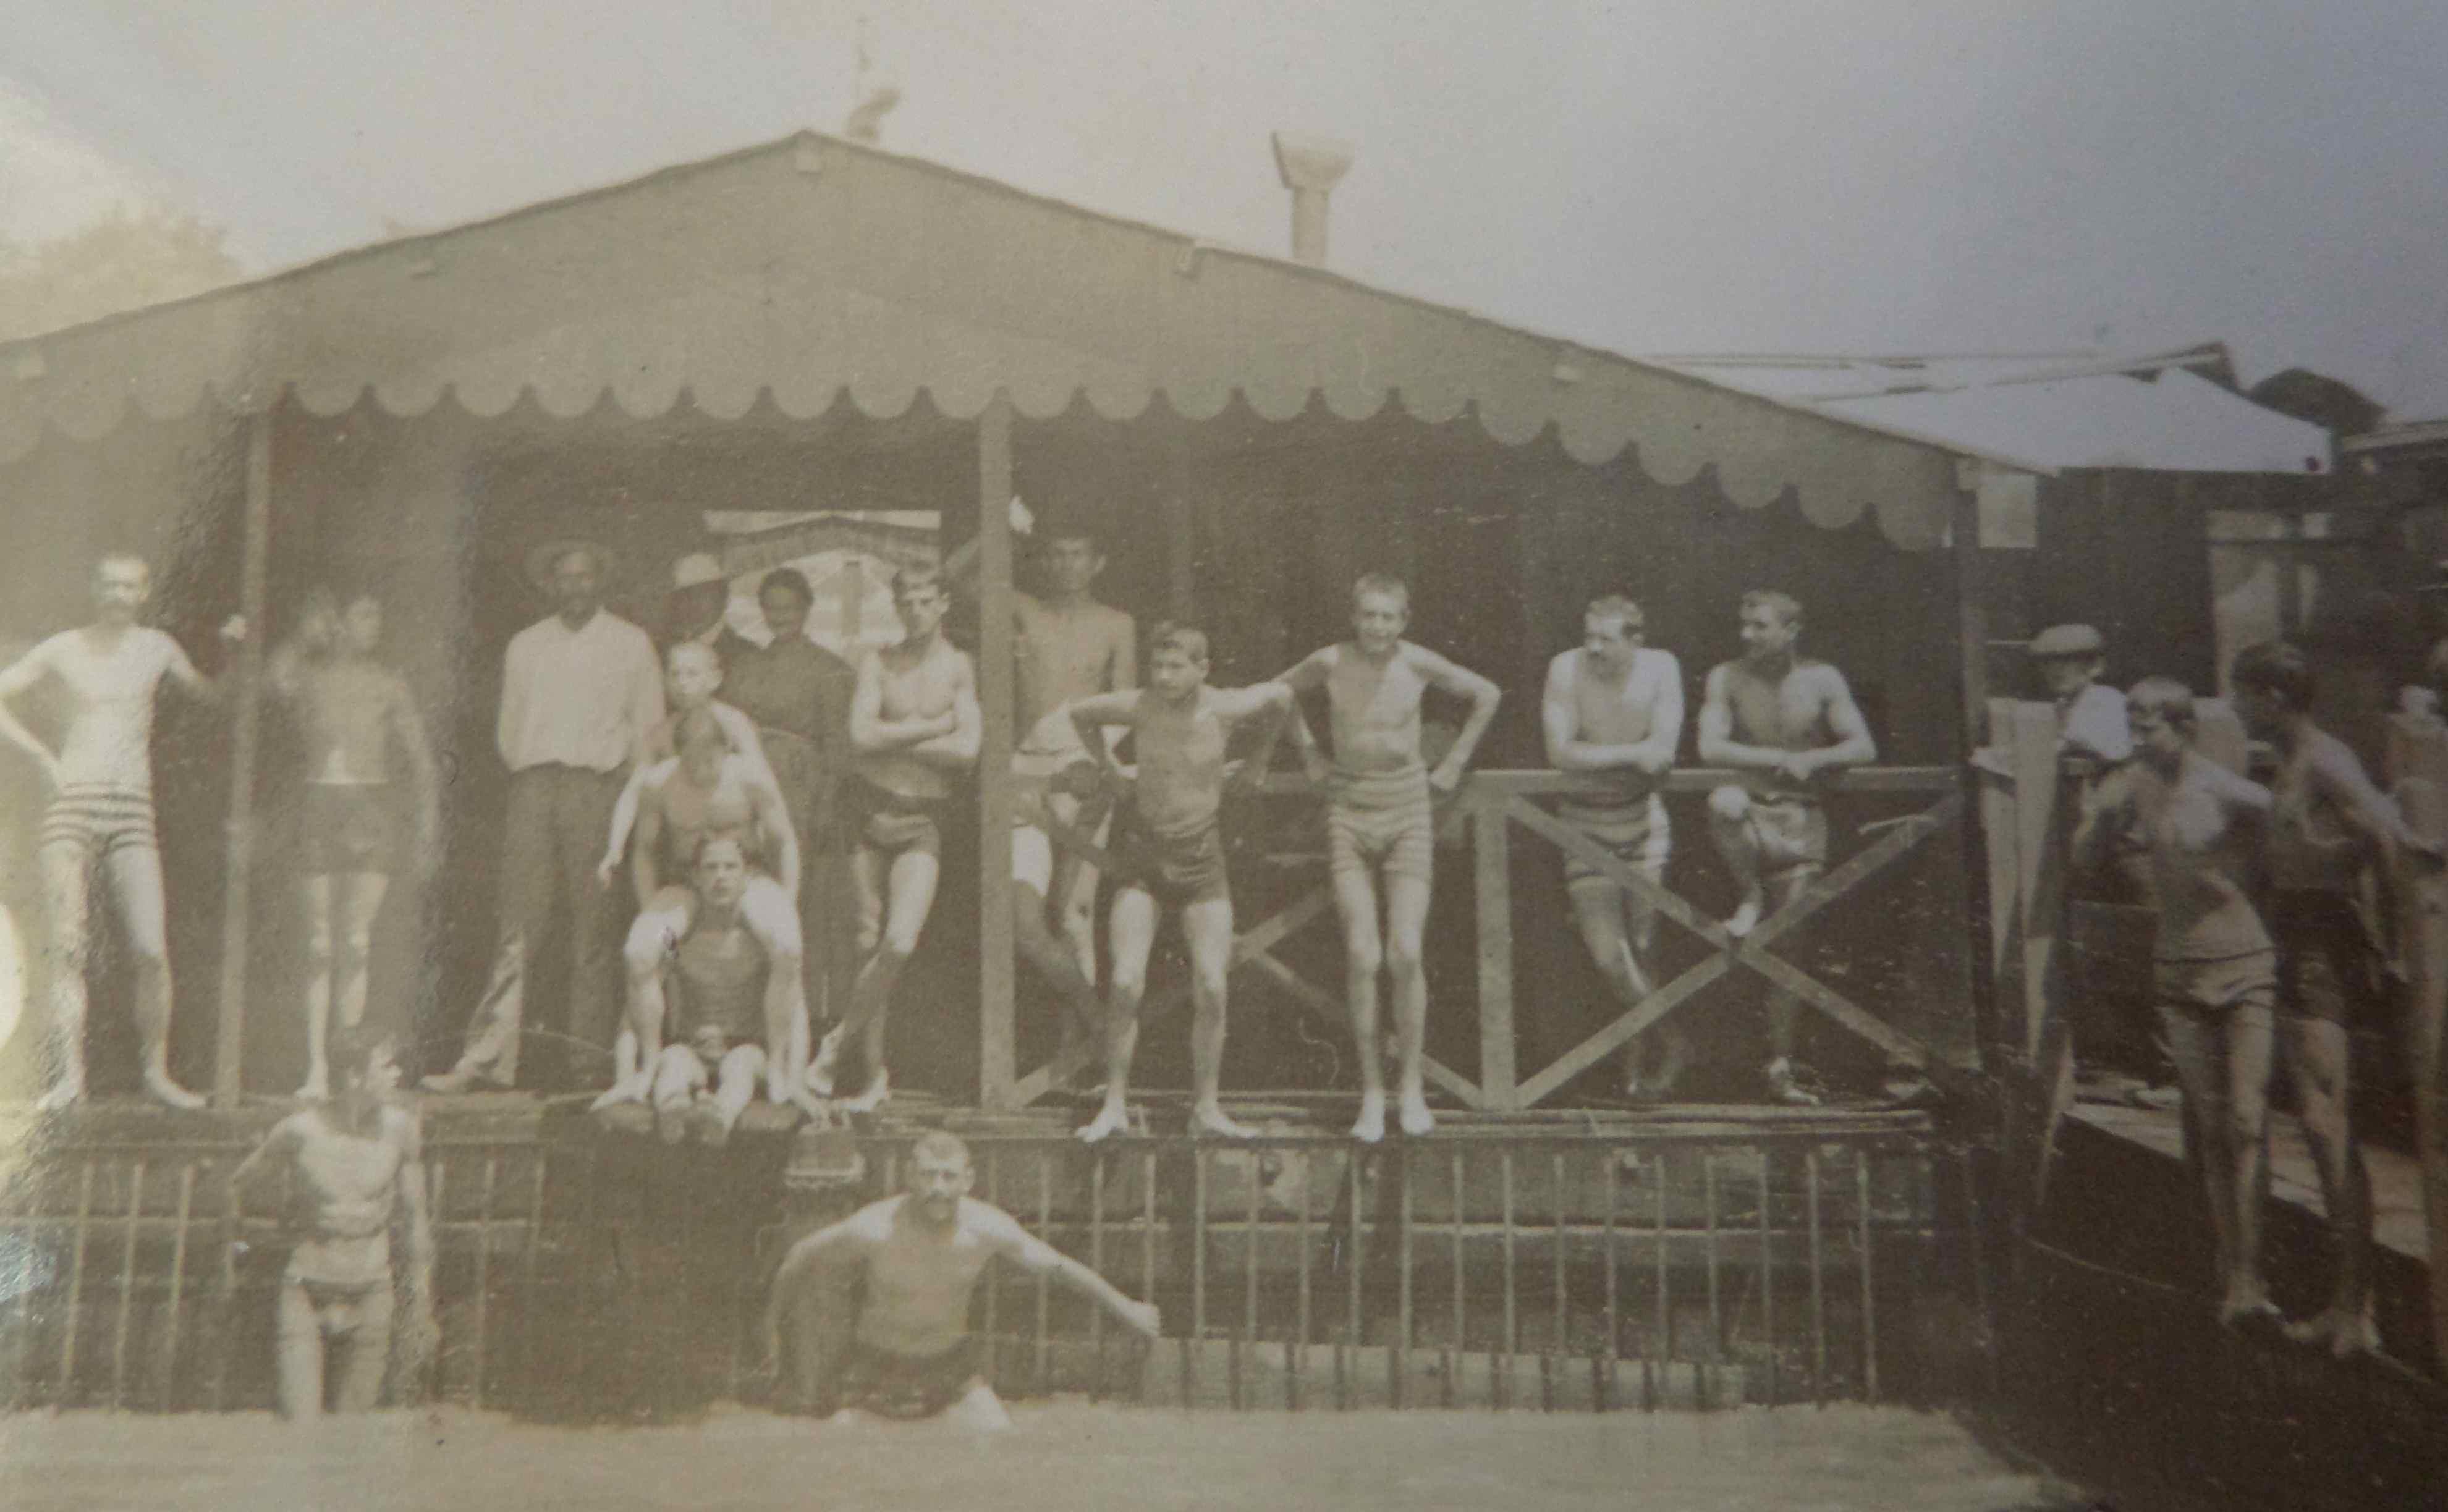 Photographie la piscine de la barthelasse avignon vers 1900 un monde de papiers - L amuse bouche avignon ...